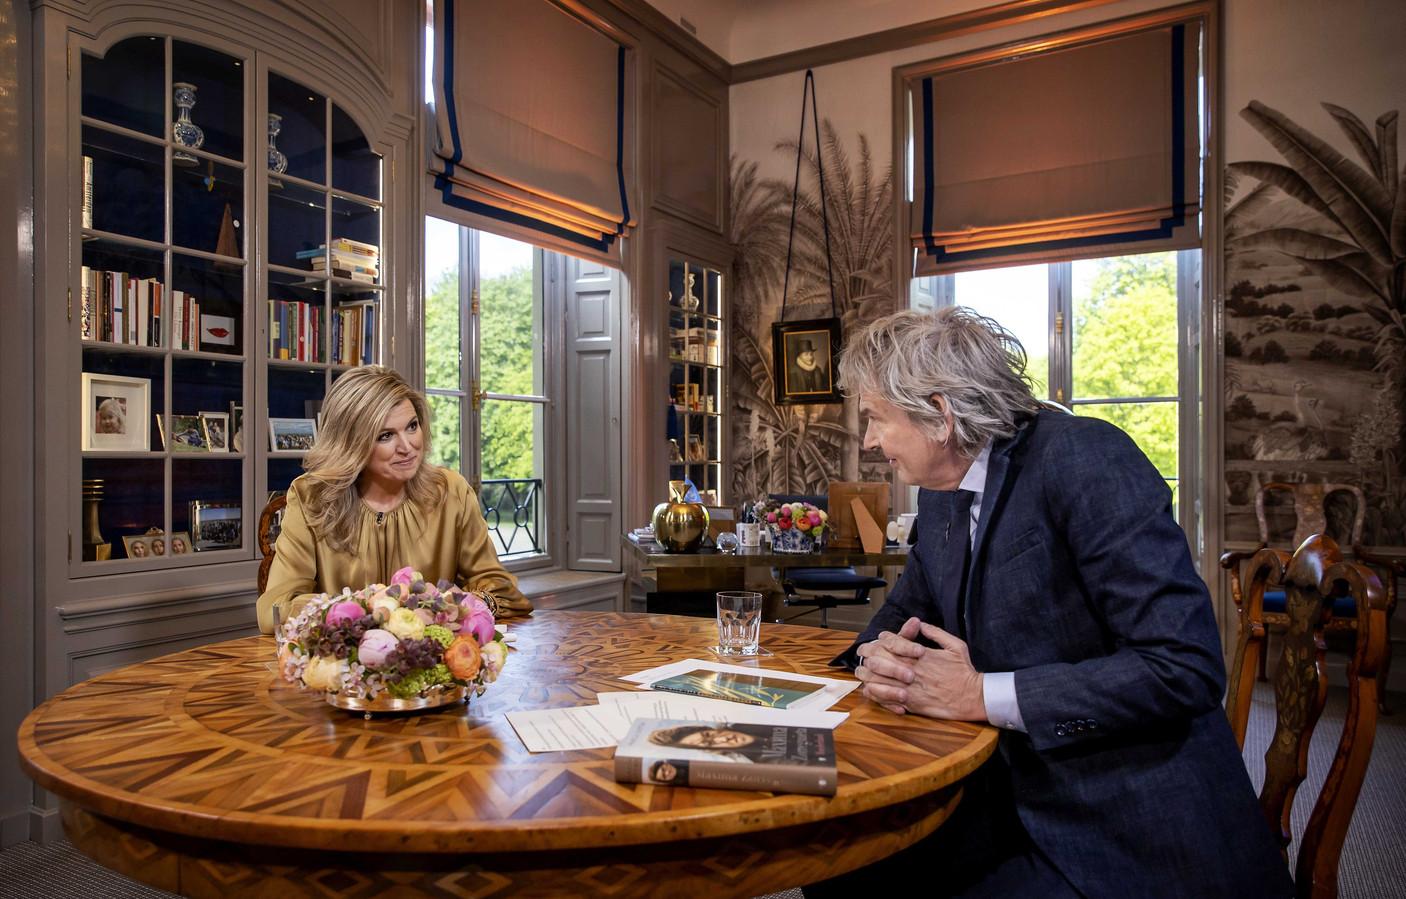 Koningin Maxima tijdens een interview met Matthijs van Nieuwkerkter gelegenheid van haar 50everjaardag.NOS Máxima is vanavond om 20.35 uur te zien op NPO 1.